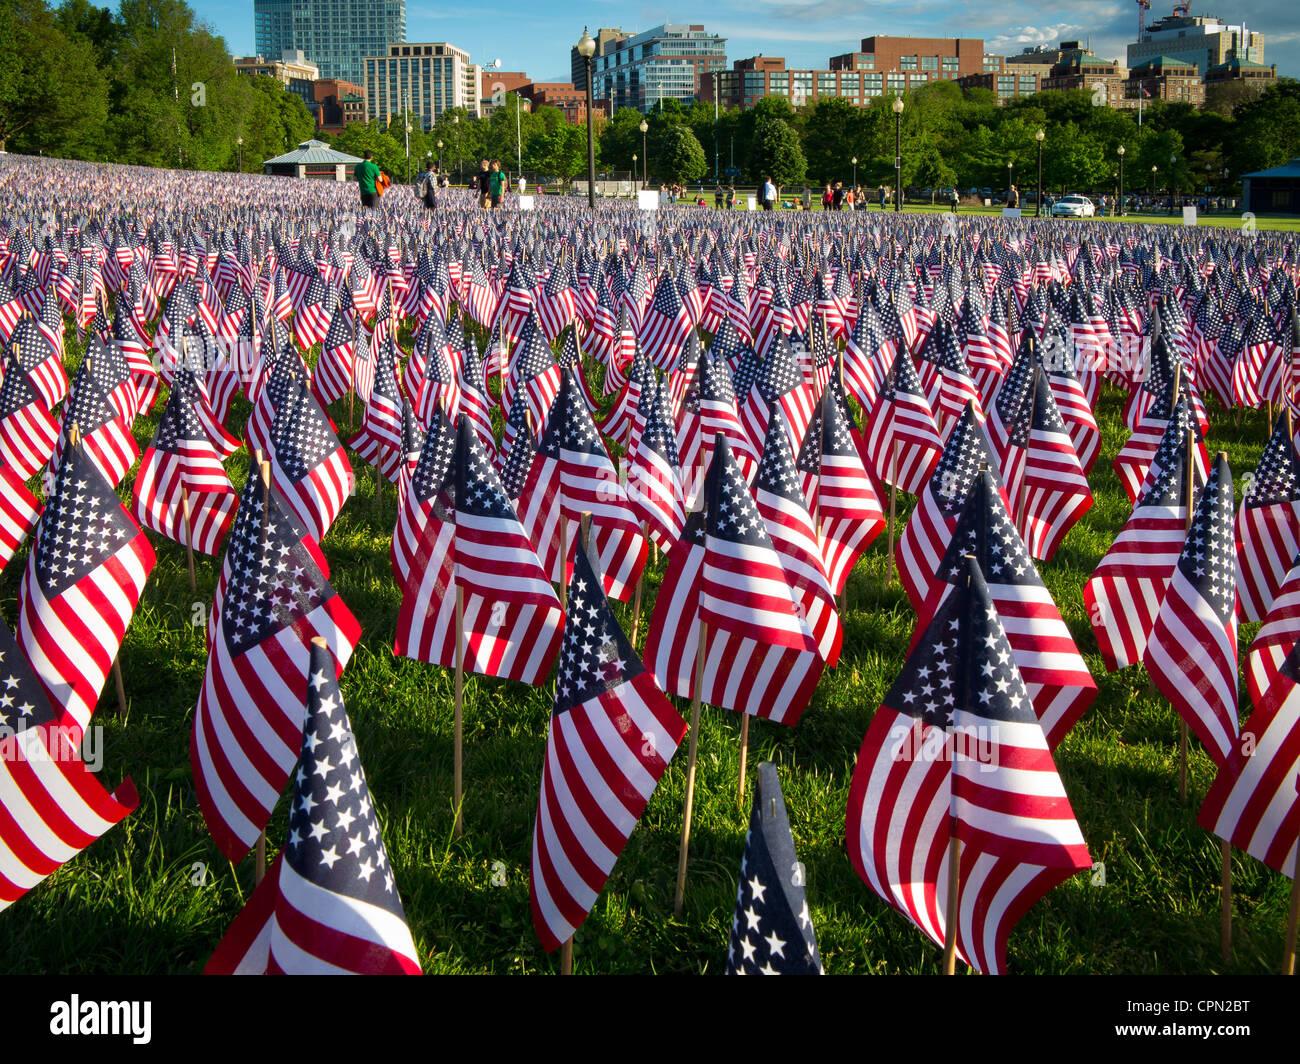 Banderas en el día conmemorativo en Boston Commons Imagen De Stock